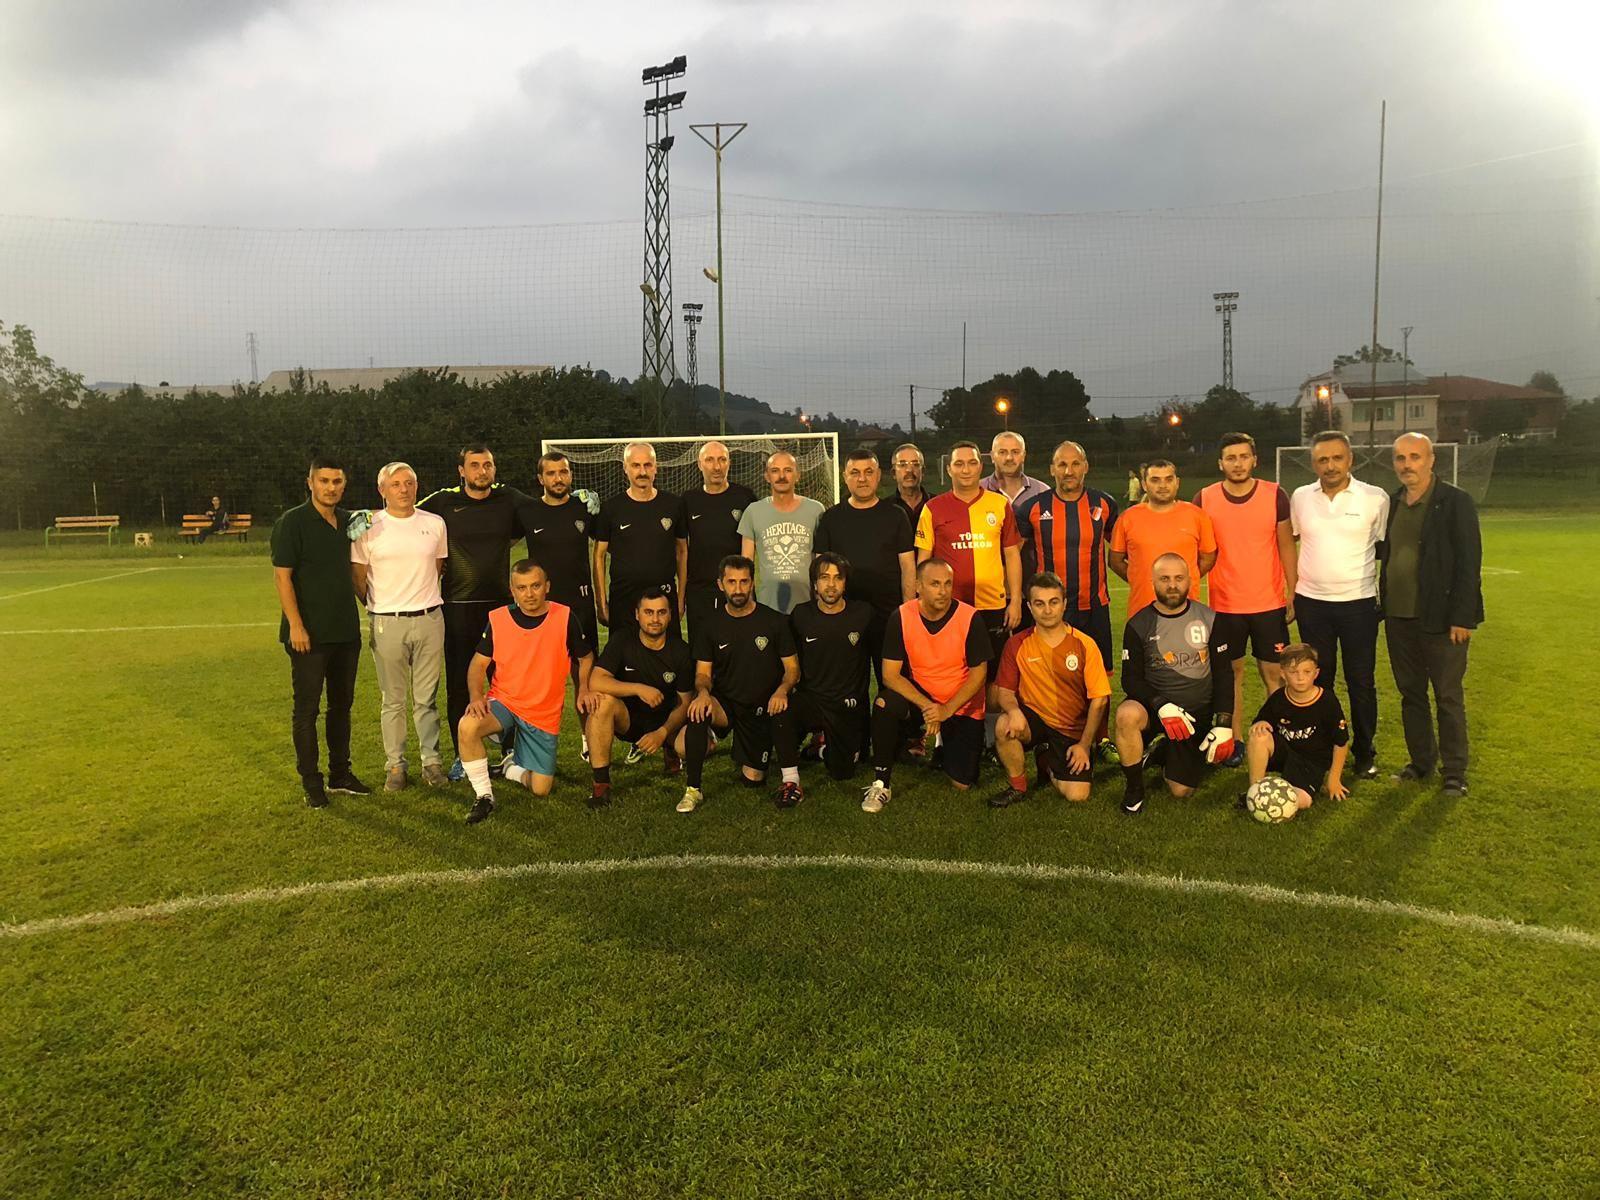 Başkan Yavuz, Futbol Turnuvasında Başlama Vuruşunu Gerçekleştirdi